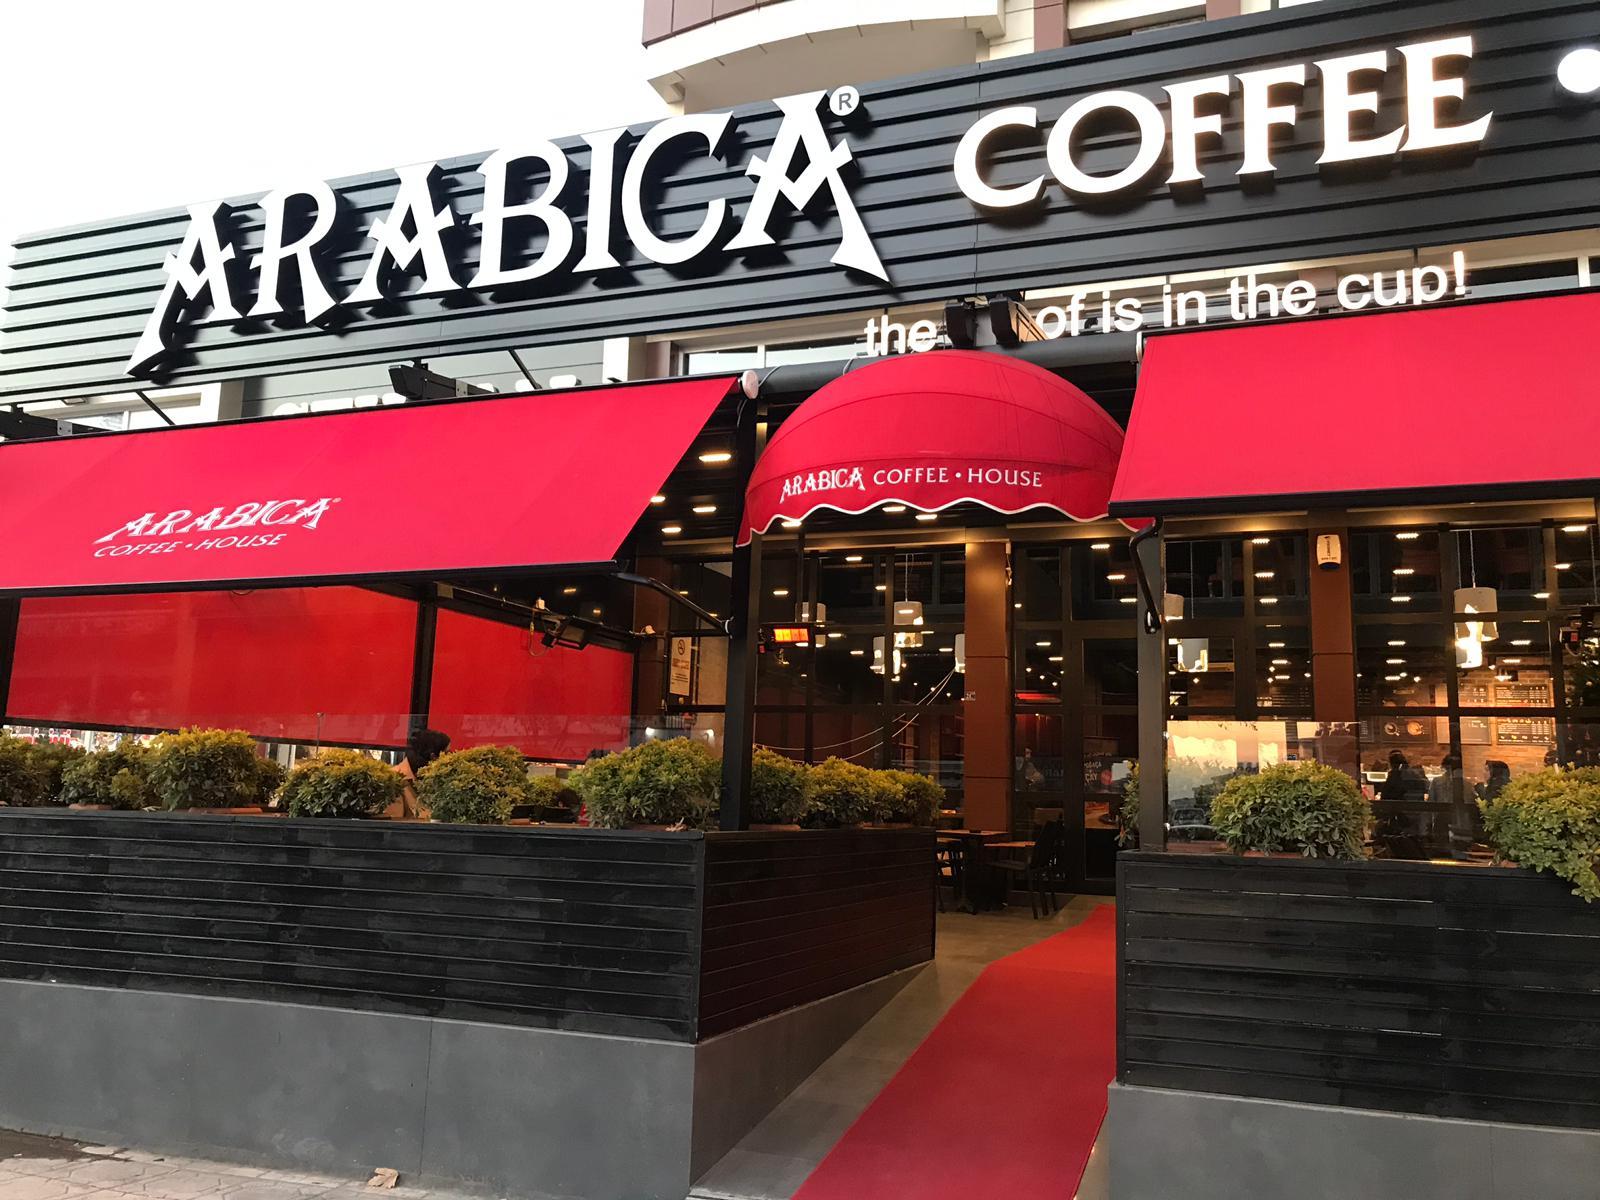 Kahramanmaraş Arabica Coffee Mekanik Tesisat Projesi Tamamlandı